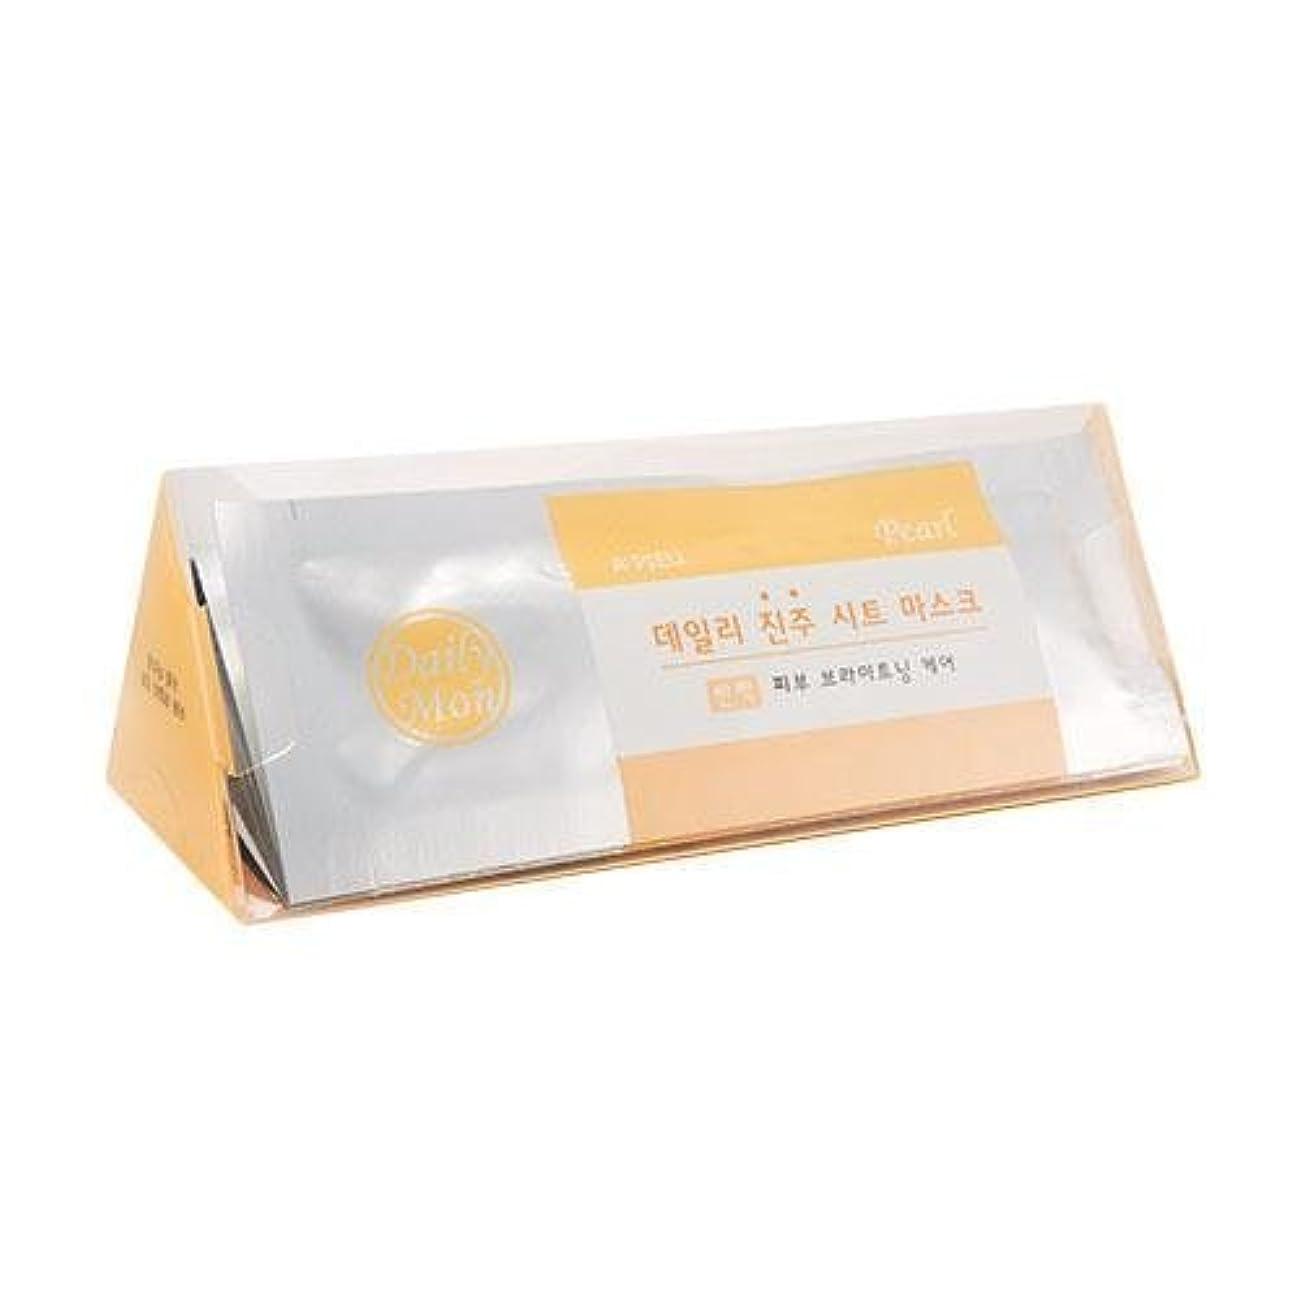 定義ネクタイ含意APIEU Daily Pearl Sheet Mask (7EA)/ Made in Korea